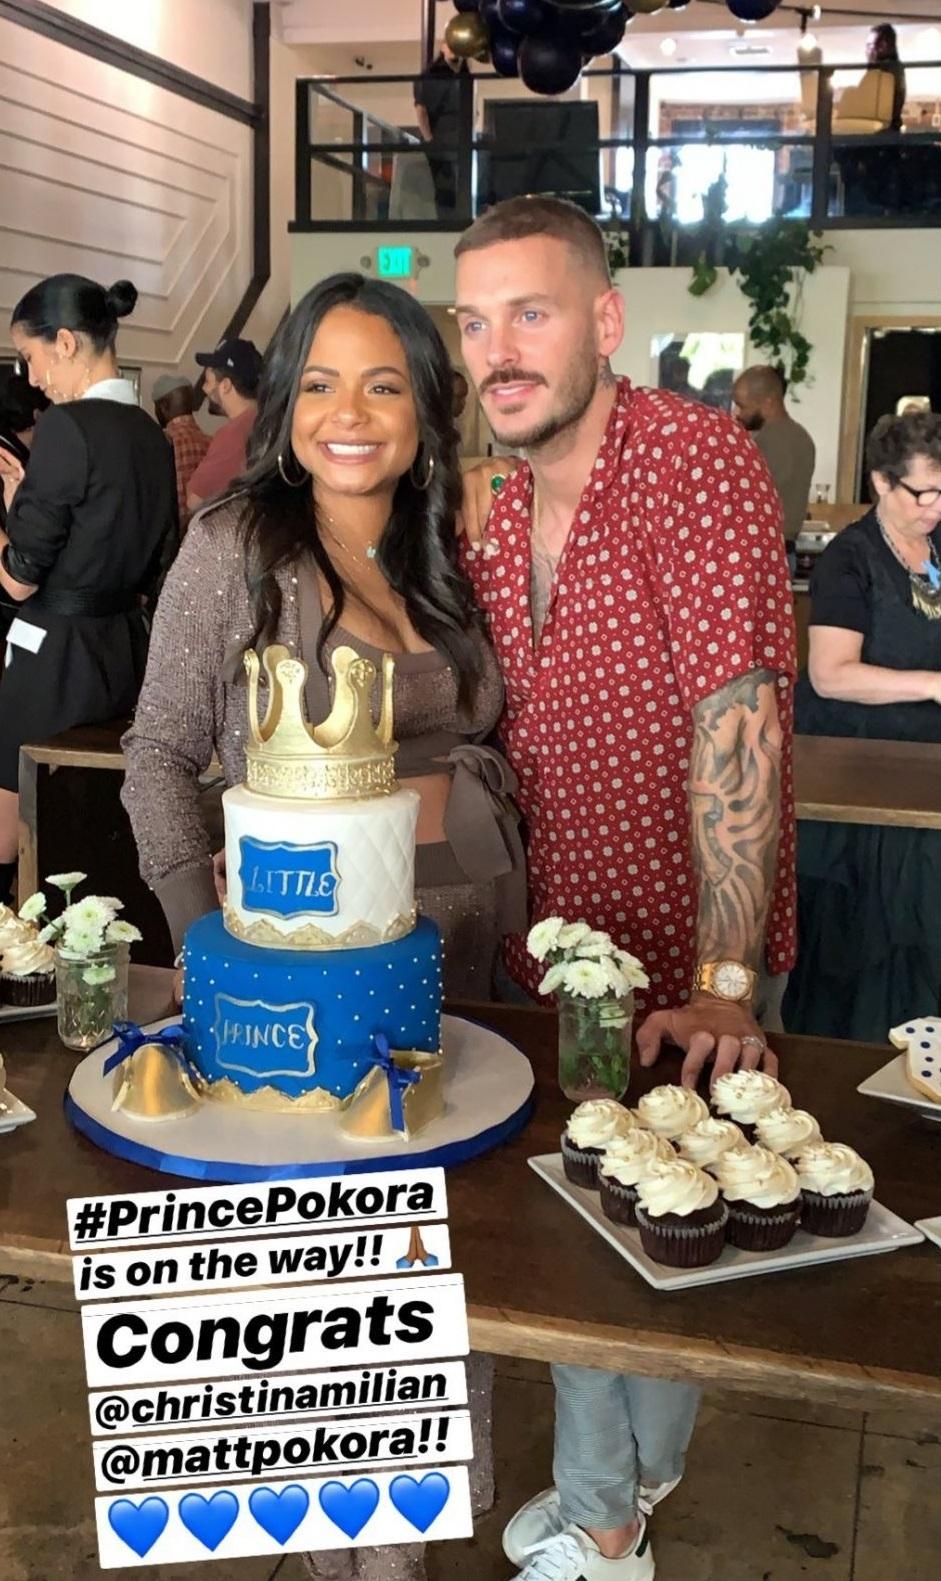 Matt Pokora et Christina Milian bientôt parents : Le prénom de leur bébé dévoilé ?